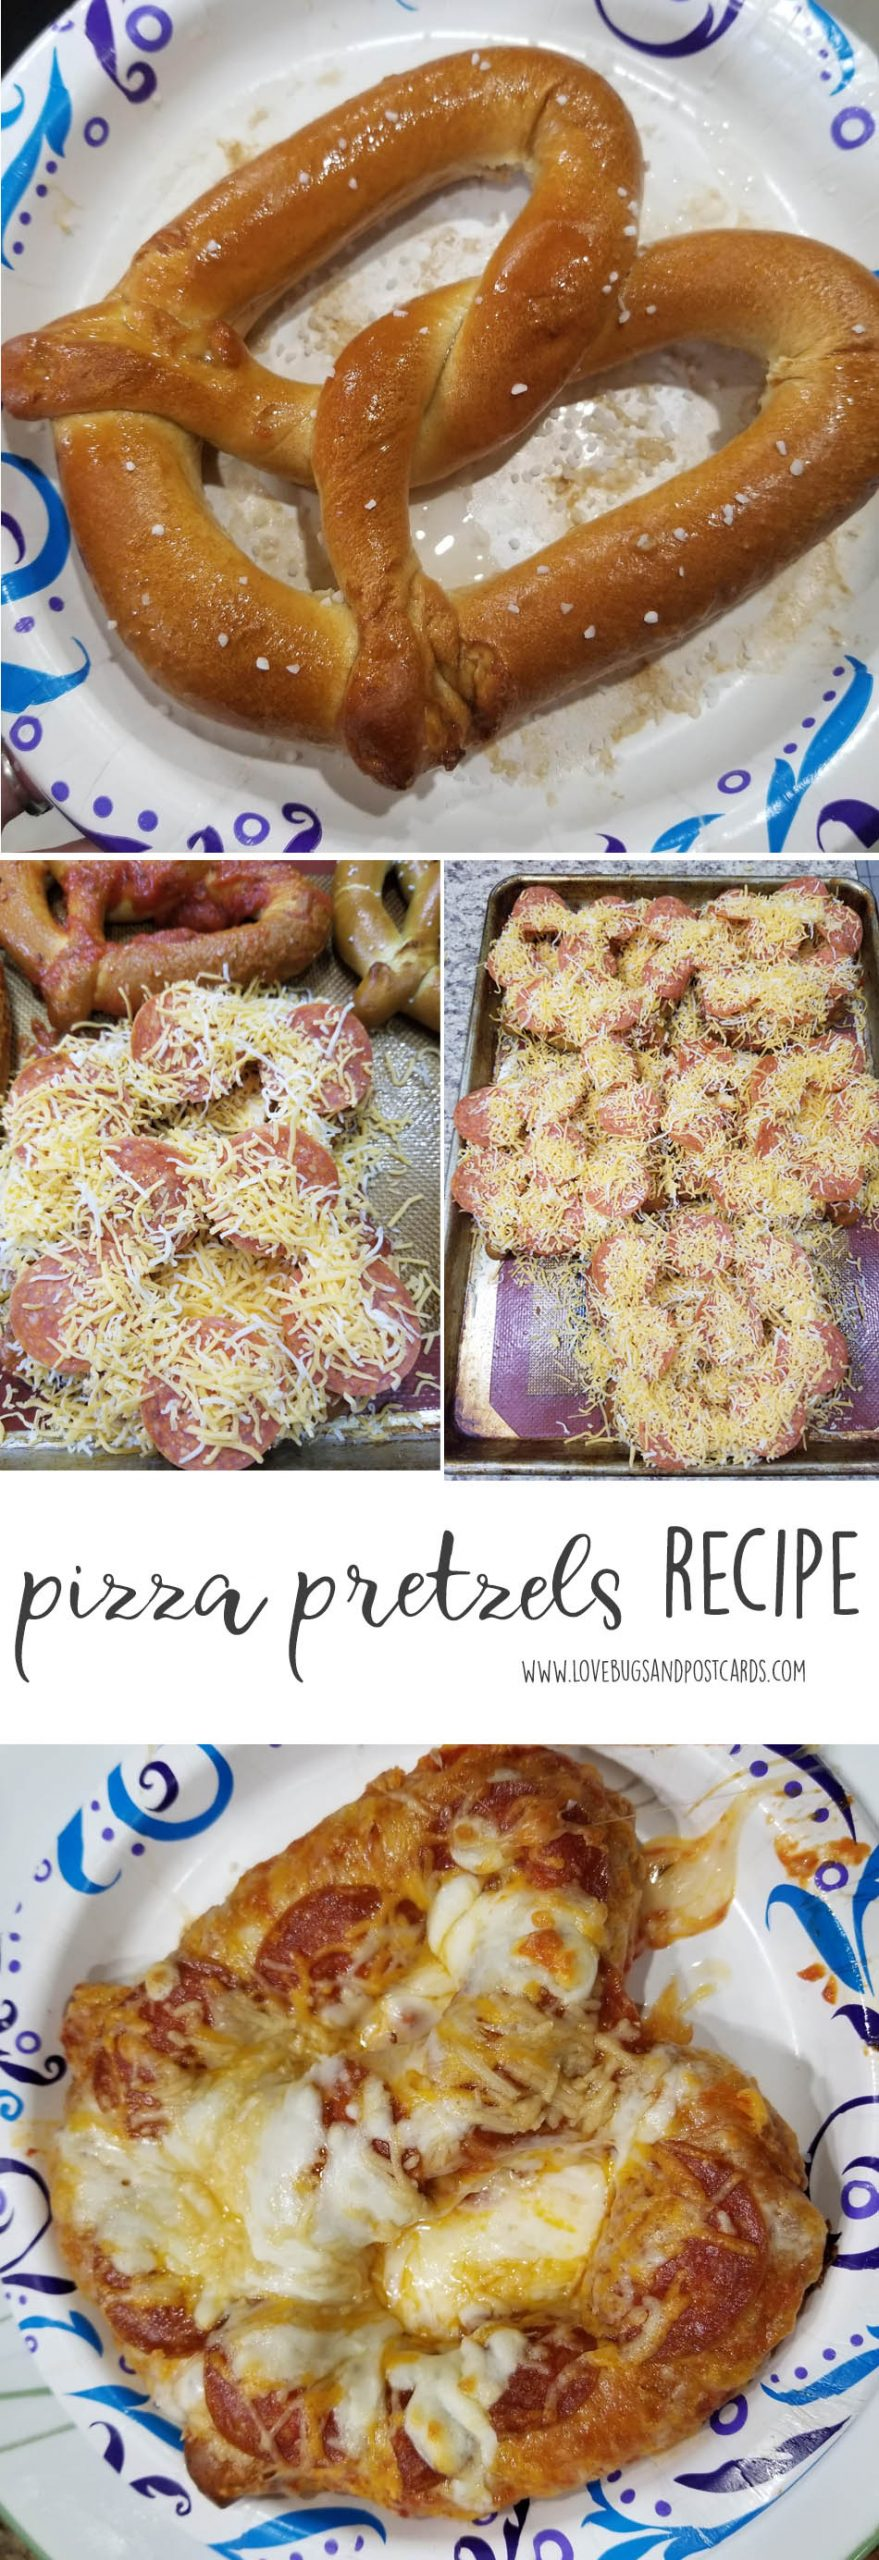 Pizza Pretzels recipe